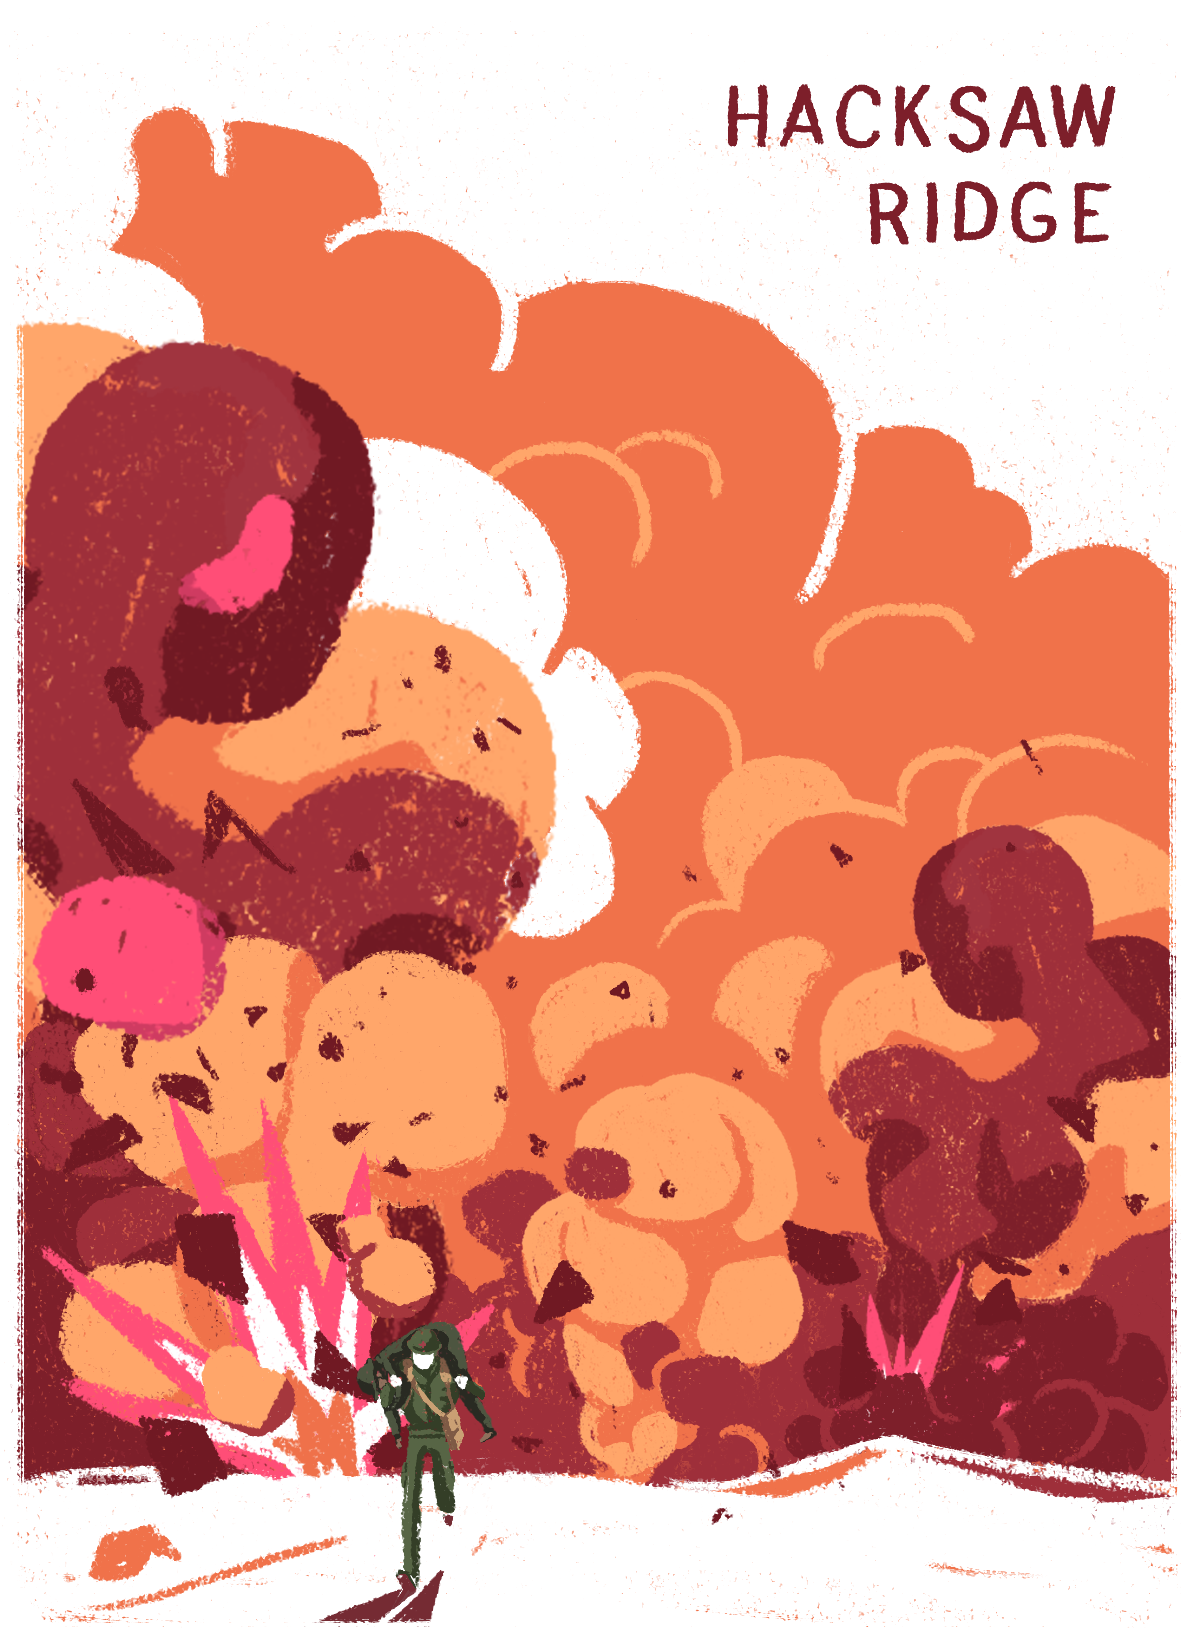 Hacksaw Ridge - Papaya illustration - www.papaya.studio